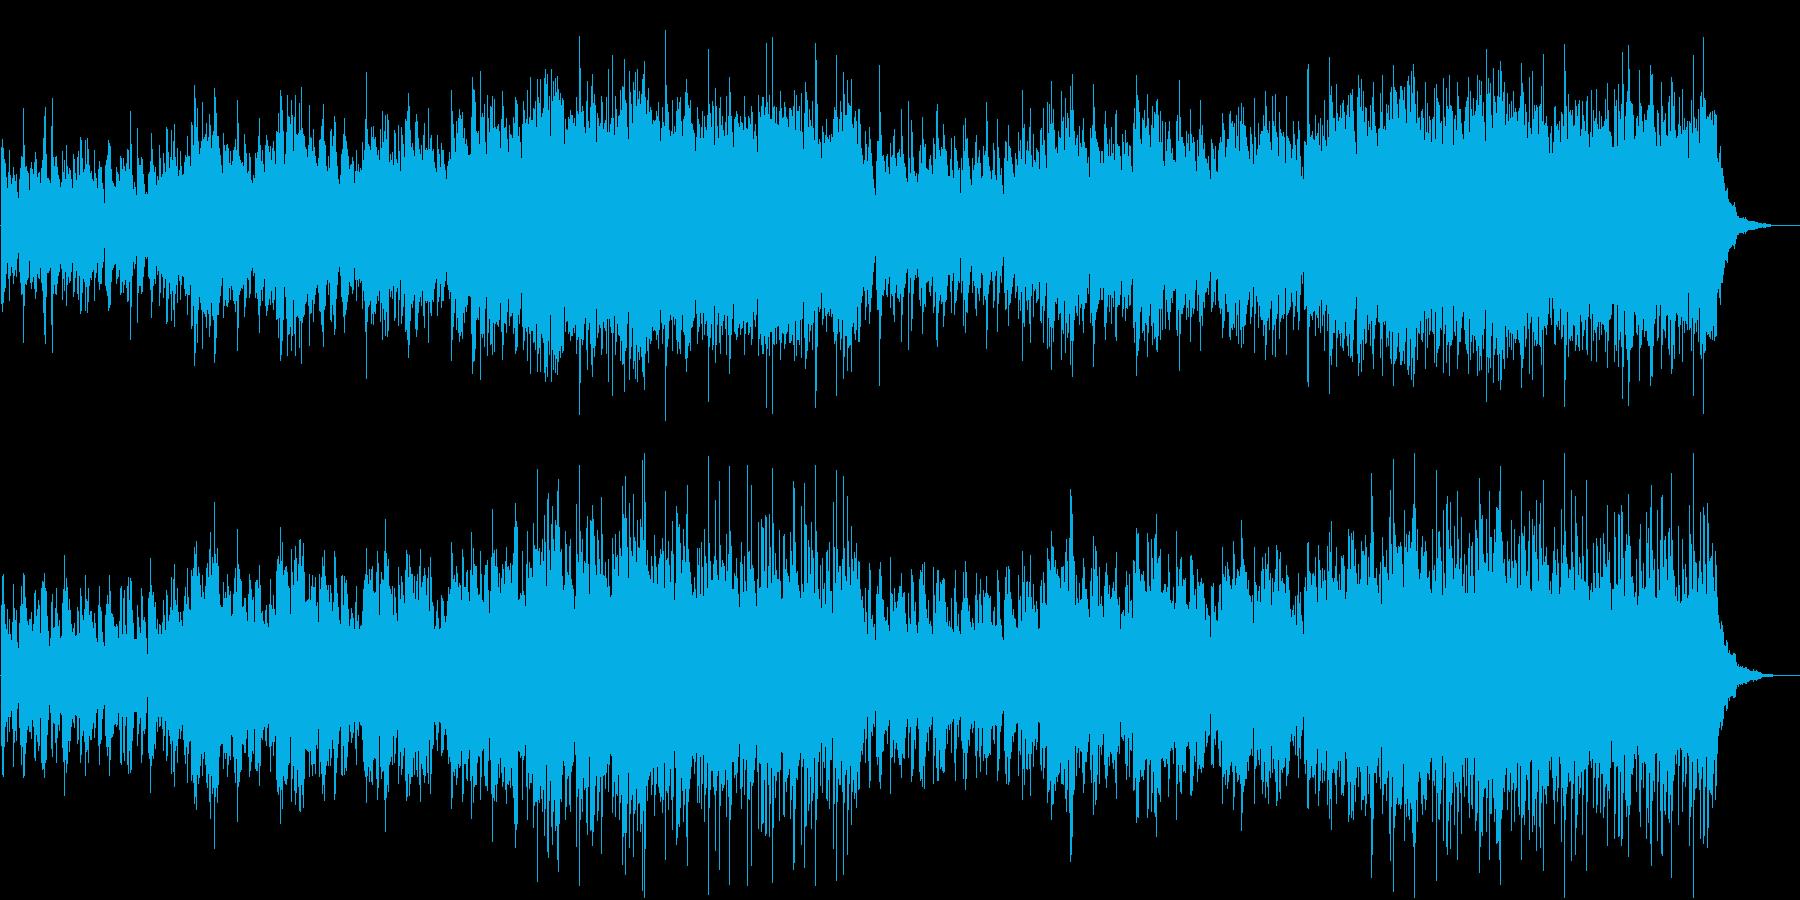 エンヤ風の神秘的で乙女チックな曲の再生済みの波形